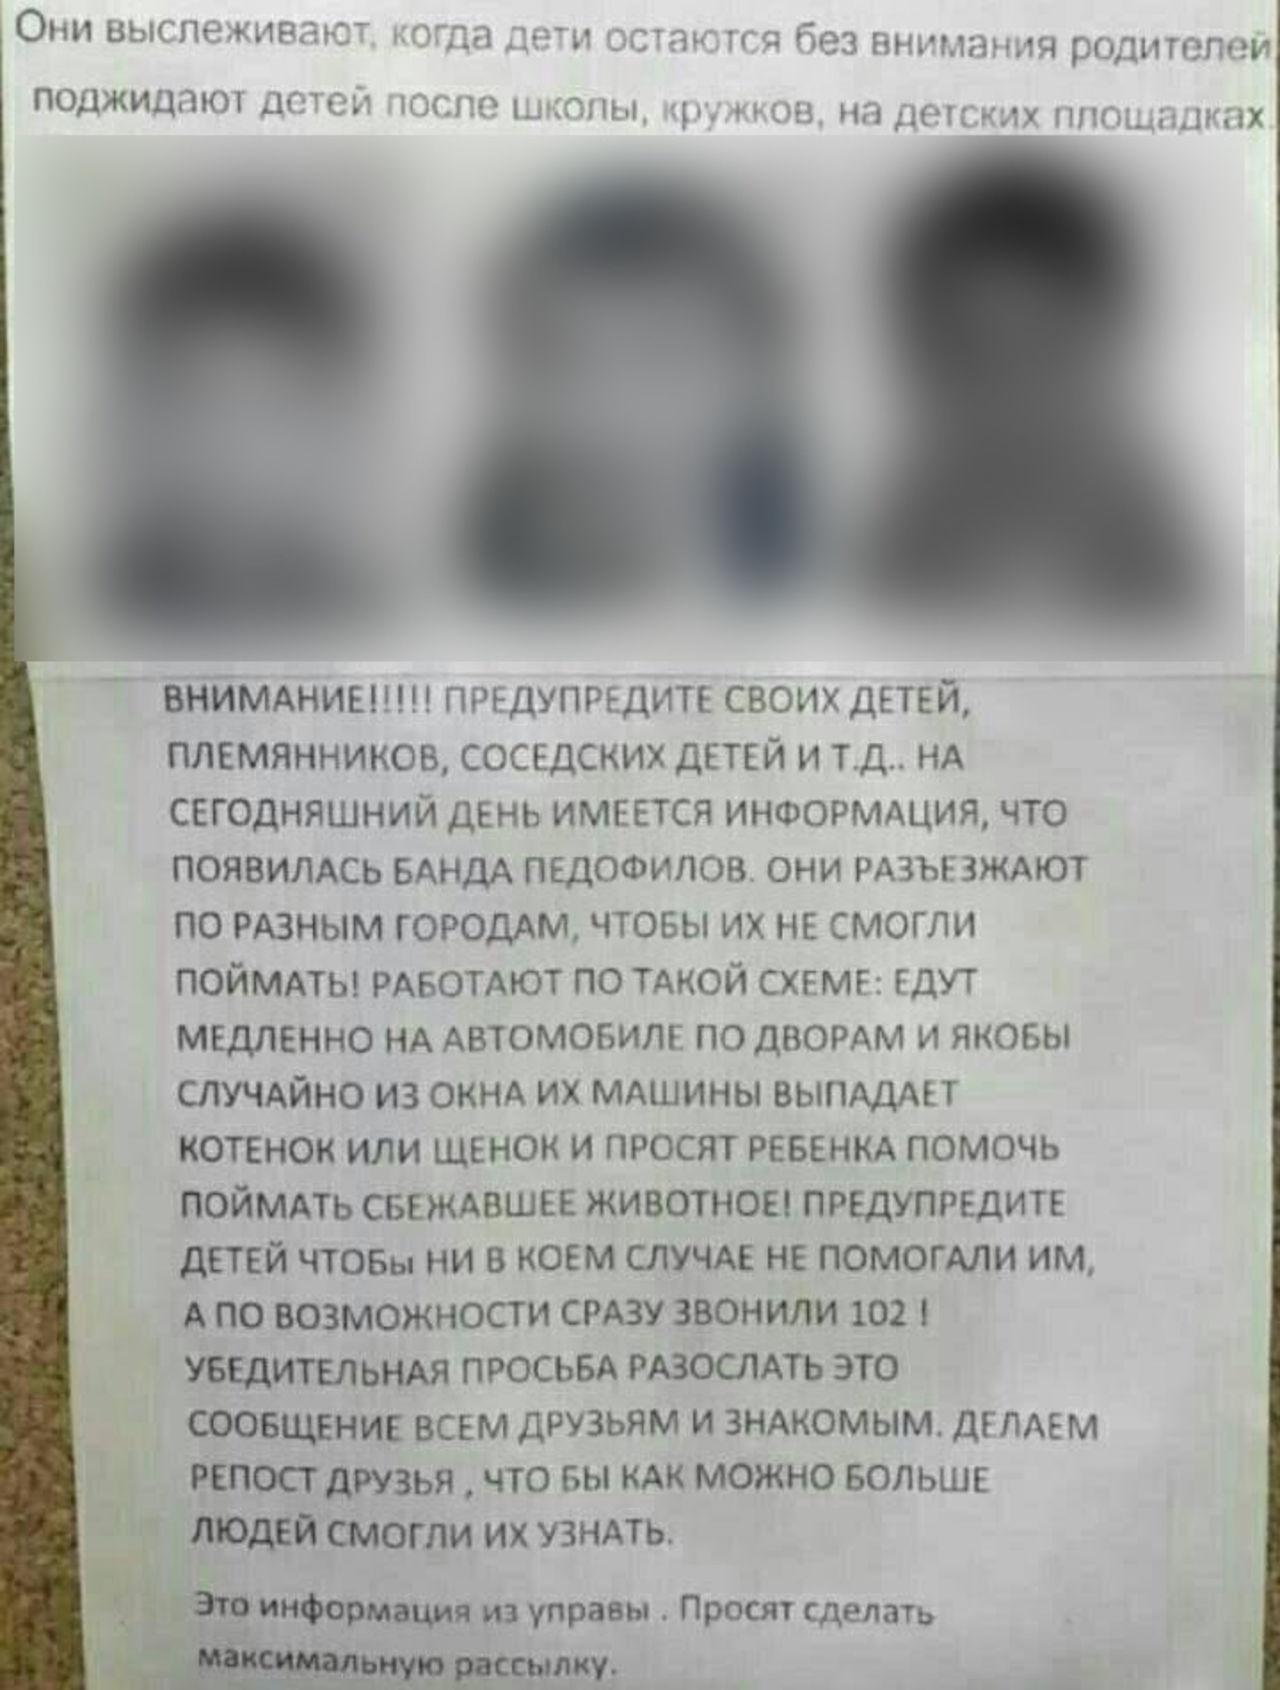 """Полиция Кузбасса прокомментировала слухи о """"банде педофилов"""""""